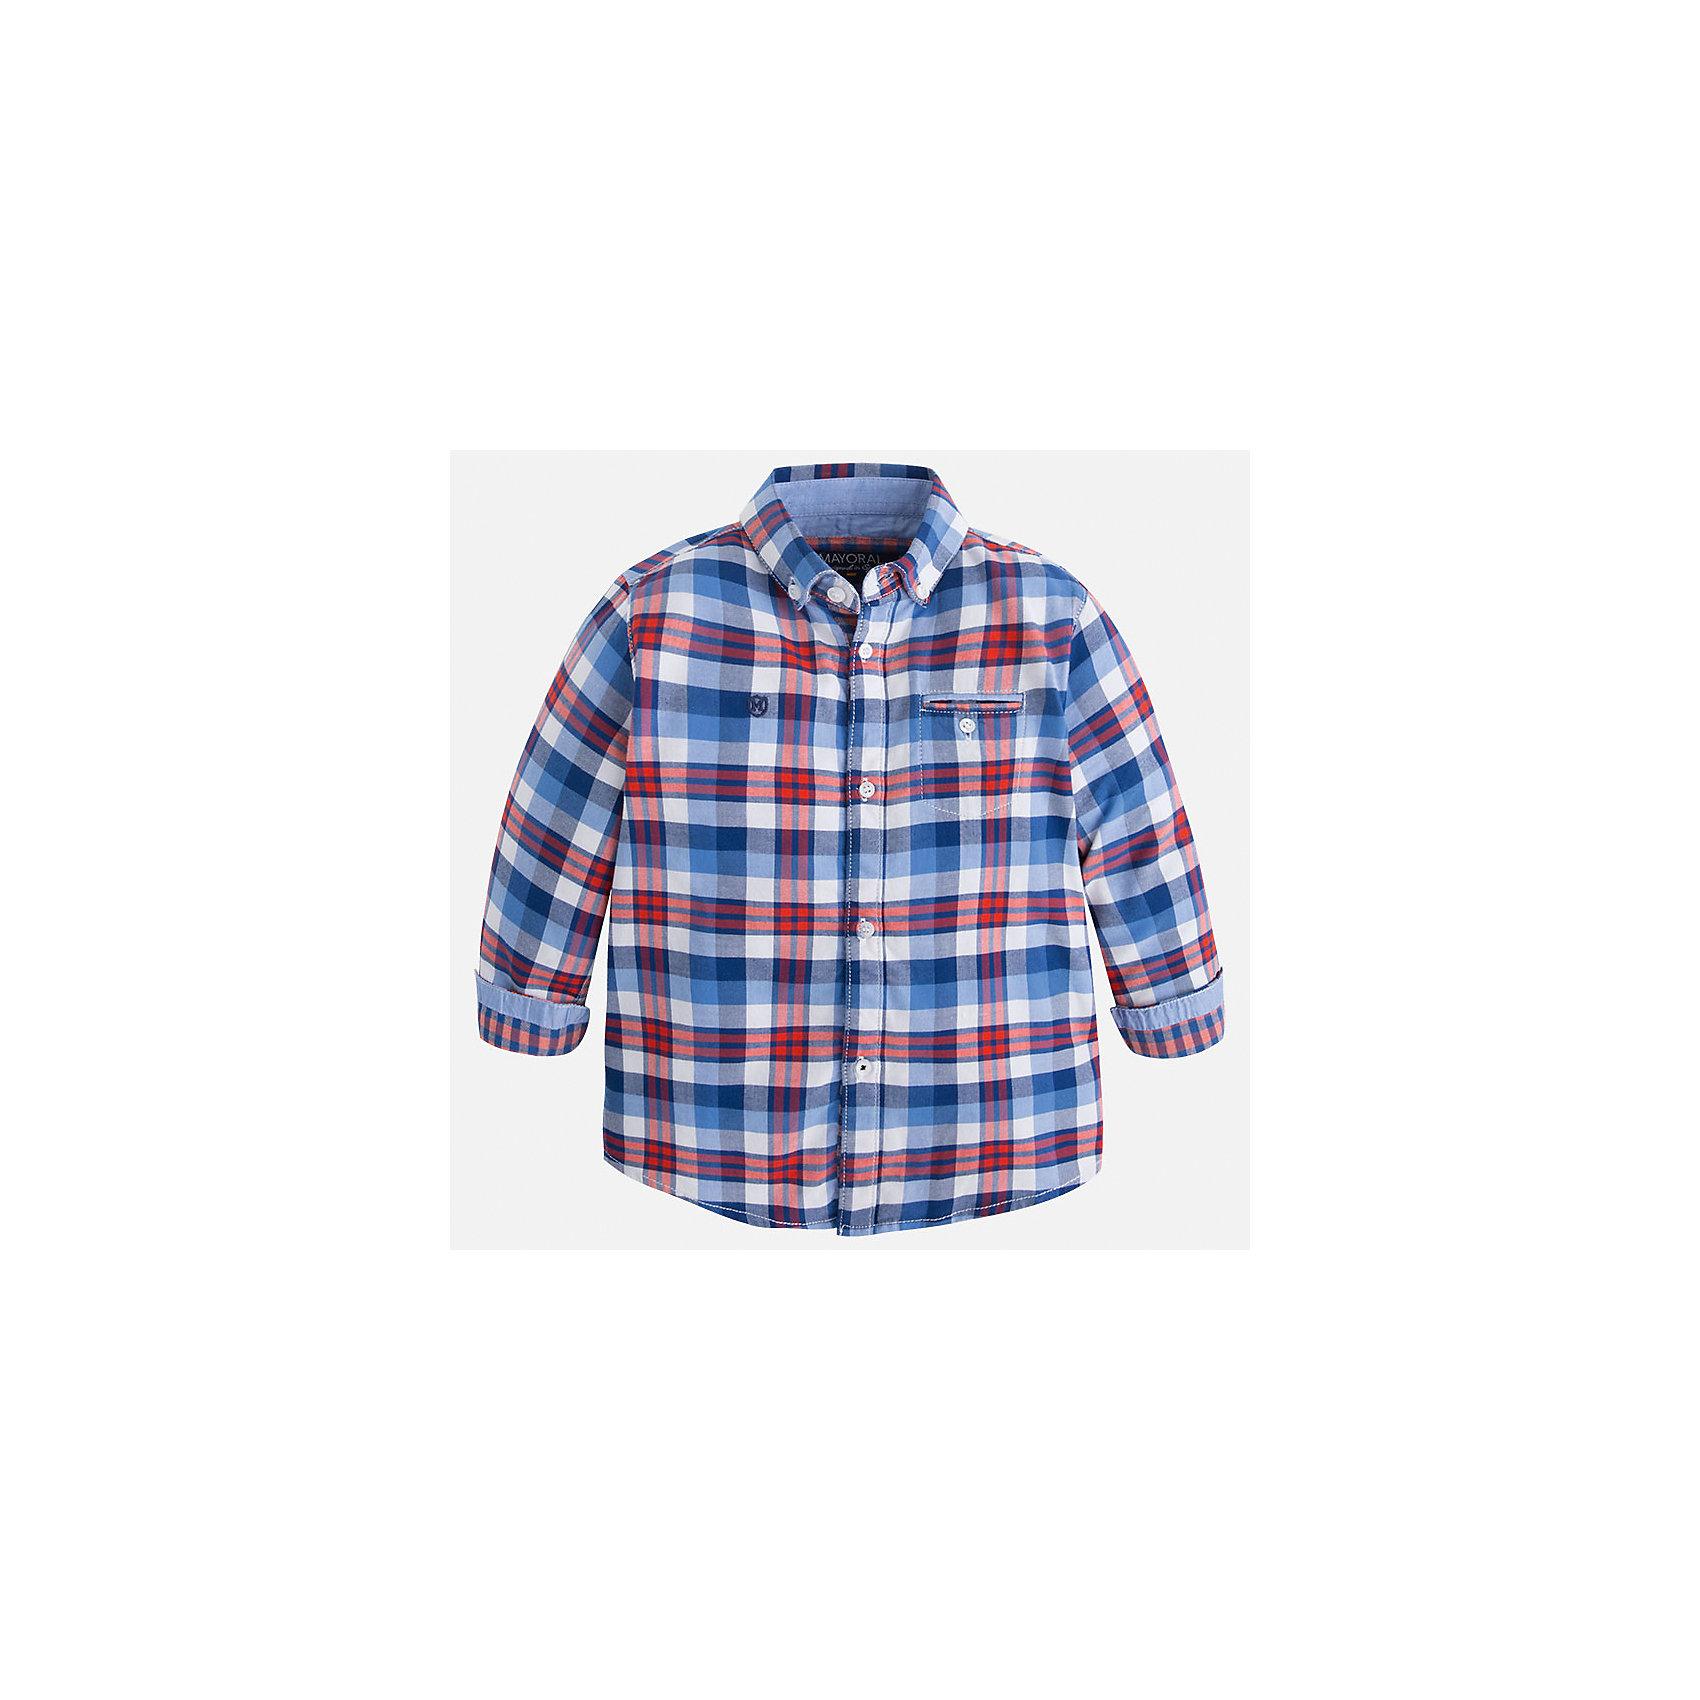 Рубашка для мальчика MayoralРубашка для мальчика Mayoral (Майорал) – это стильная, модная и практичная модель.<br>Рубашка в клетку с длинными рукавами от известной испанской марки Mayoral (Майорал) выполненная из натурального хлопка, станет прекрасным дополнением гардероба вашего мальчика. Рубашка застегивается на пуговицы, на груди имеется кармашек на пуговице, декорирована небольшой монограммой на груди и голубой бейкой на манжетах. Уголки воротника пристегиваются на пуговицы к ткани рубашки. Рубашка для повседневной носки будет отлично сочетаться с джинсами. Комфортный крой гарантирует свободу движений.<br><br>Дополнительная информация:<br><br>- Цвет: синий, голубой, белый, красно-оранжевый<br>- Состав: 100% хлопок<br>- Уход: бережная стирка при 30 градусах<br><br>Рубашку для мальчика Mayoral (Майорал) можно купить в нашем интернет-магазине.<br><br>Ширина мм: 174<br>Глубина мм: 10<br>Высота мм: 169<br>Вес г: 157<br>Цвет: коричневый<br>Возраст от месяцев: 108<br>Возраст до месяцев: 120<br>Пол: Мужской<br>Возраст: Детский<br>Размер: 134,110,98,104,128,122,116<br>SKU: 4821134